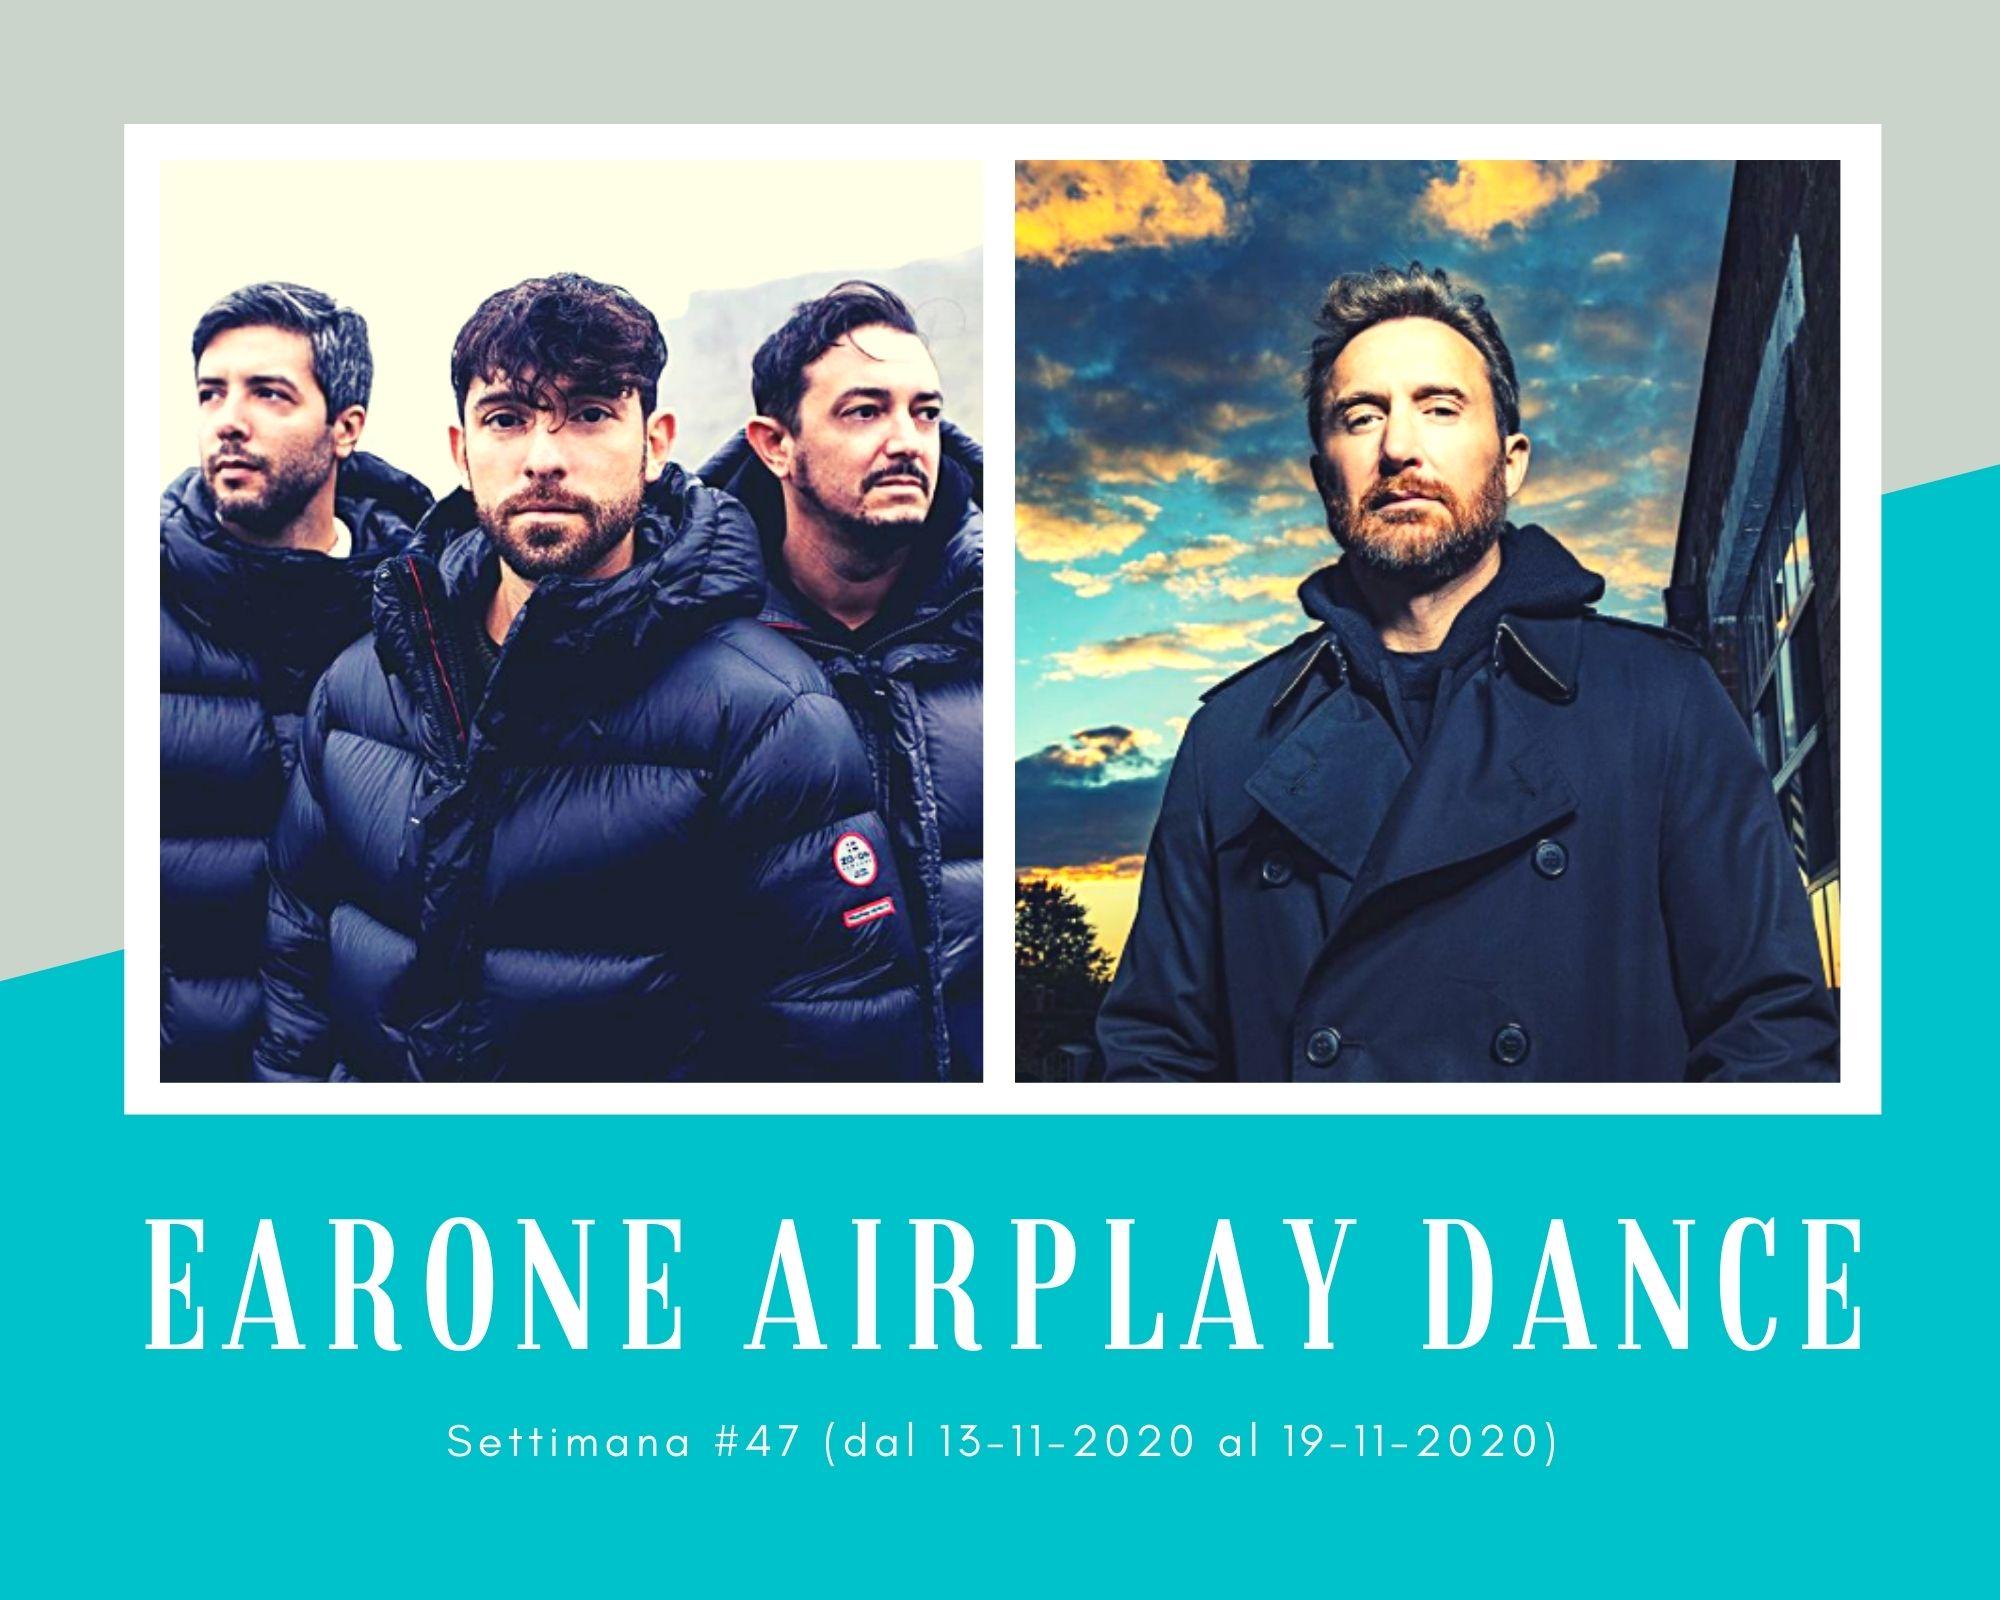 Classifica Radio EARONE Airplay Dance, week 47. I Meduza e i Super-Hi alla riscossa, David Guetta primo